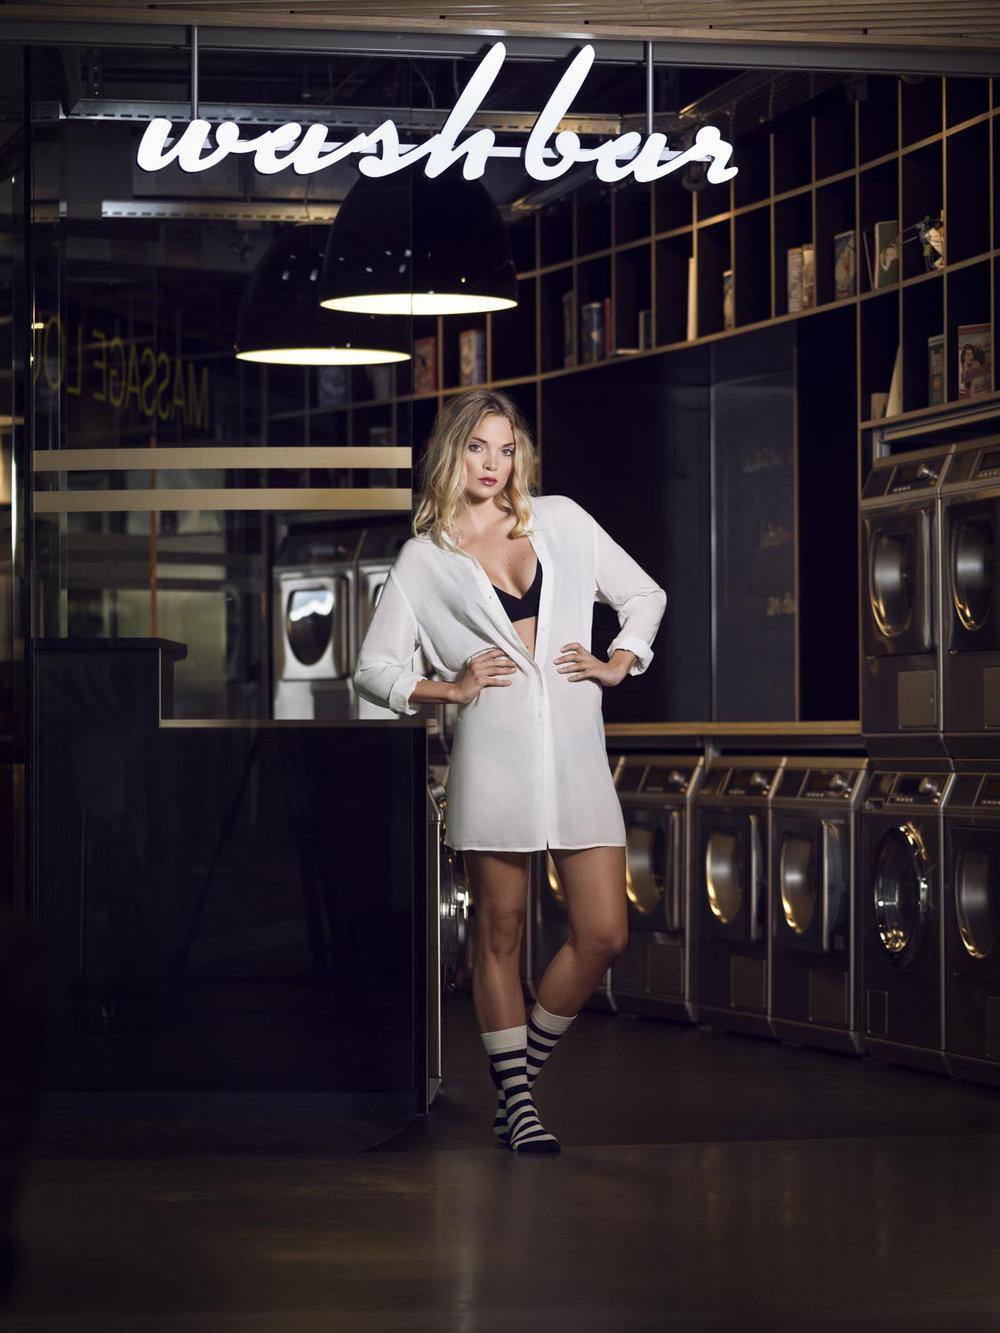 """Die neue """"wash bar"""" in der Welle 7 in Bern. Tatsächlich kann man dort Waschen :-). Aber auch tolle Russisimo Gelatis, feinster Café und eine umfangreiche After Work Apéroauswahl stehen im Angebot. Im Bild Model Laura mit den coolen  Dilly Socks ."""